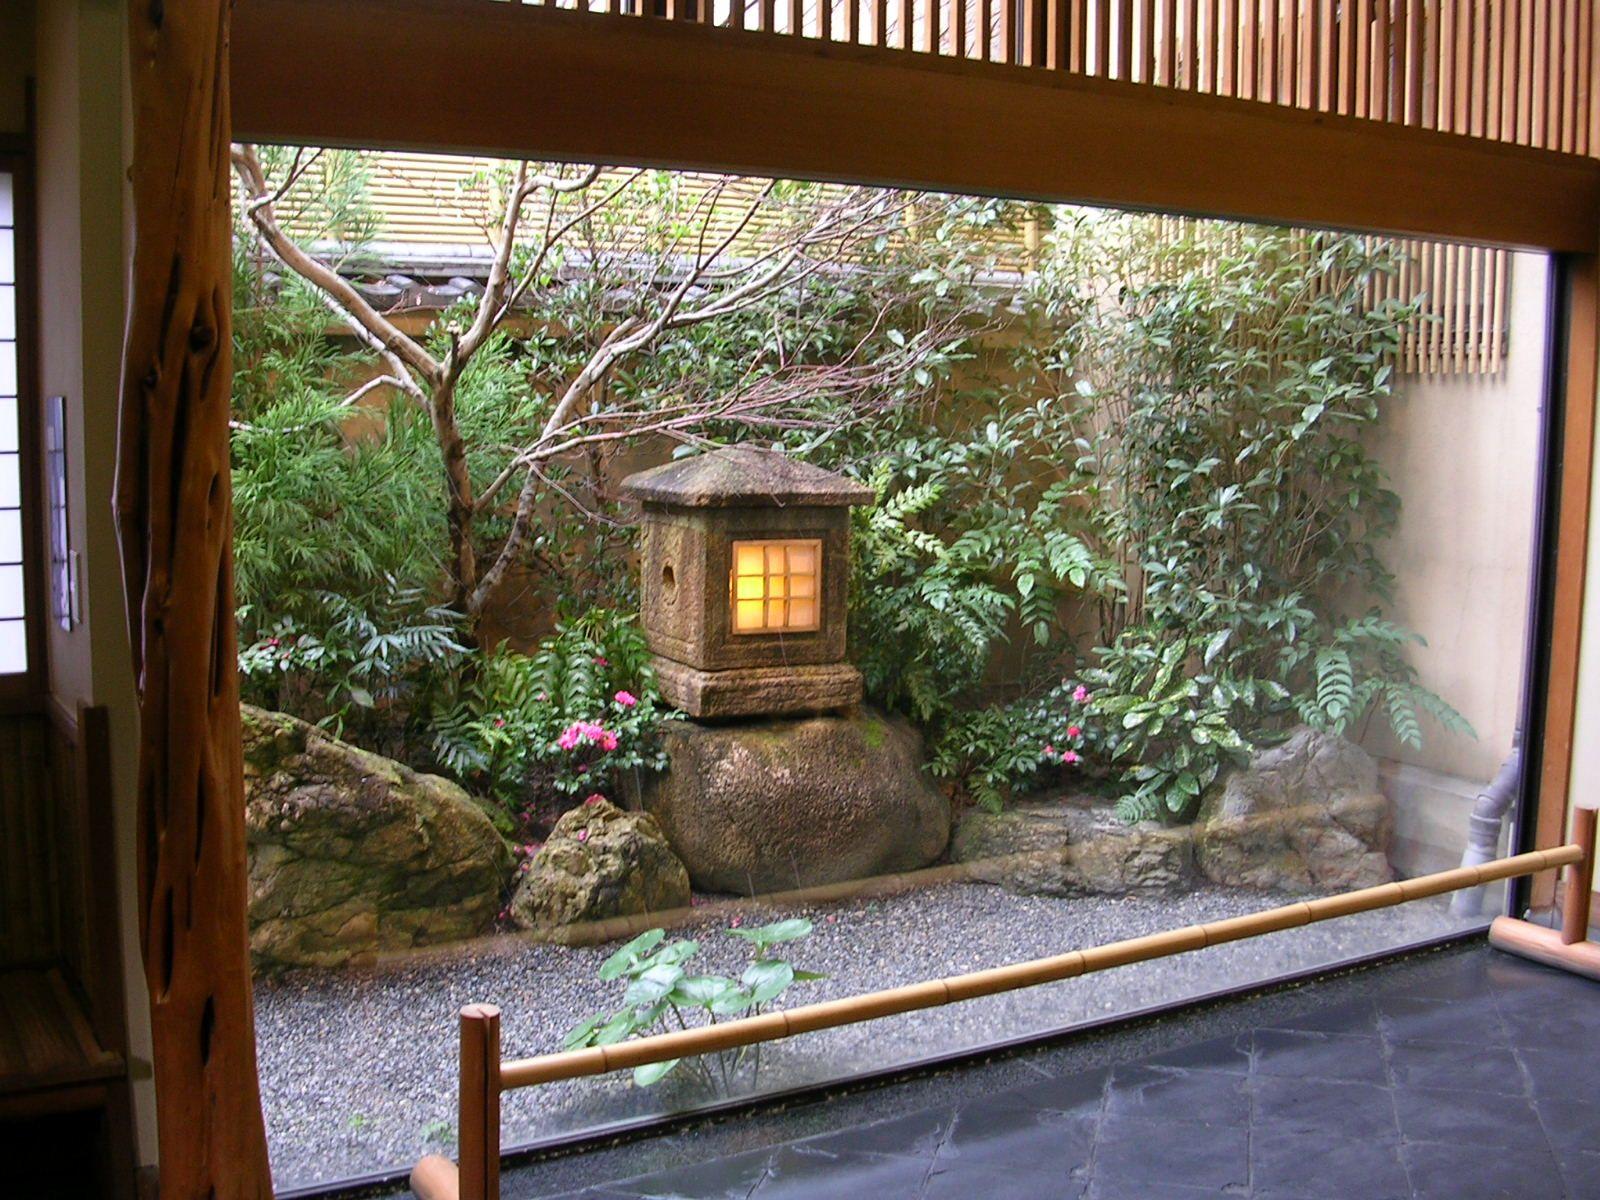 Japan Garden Flowers: Basement Window In 2019